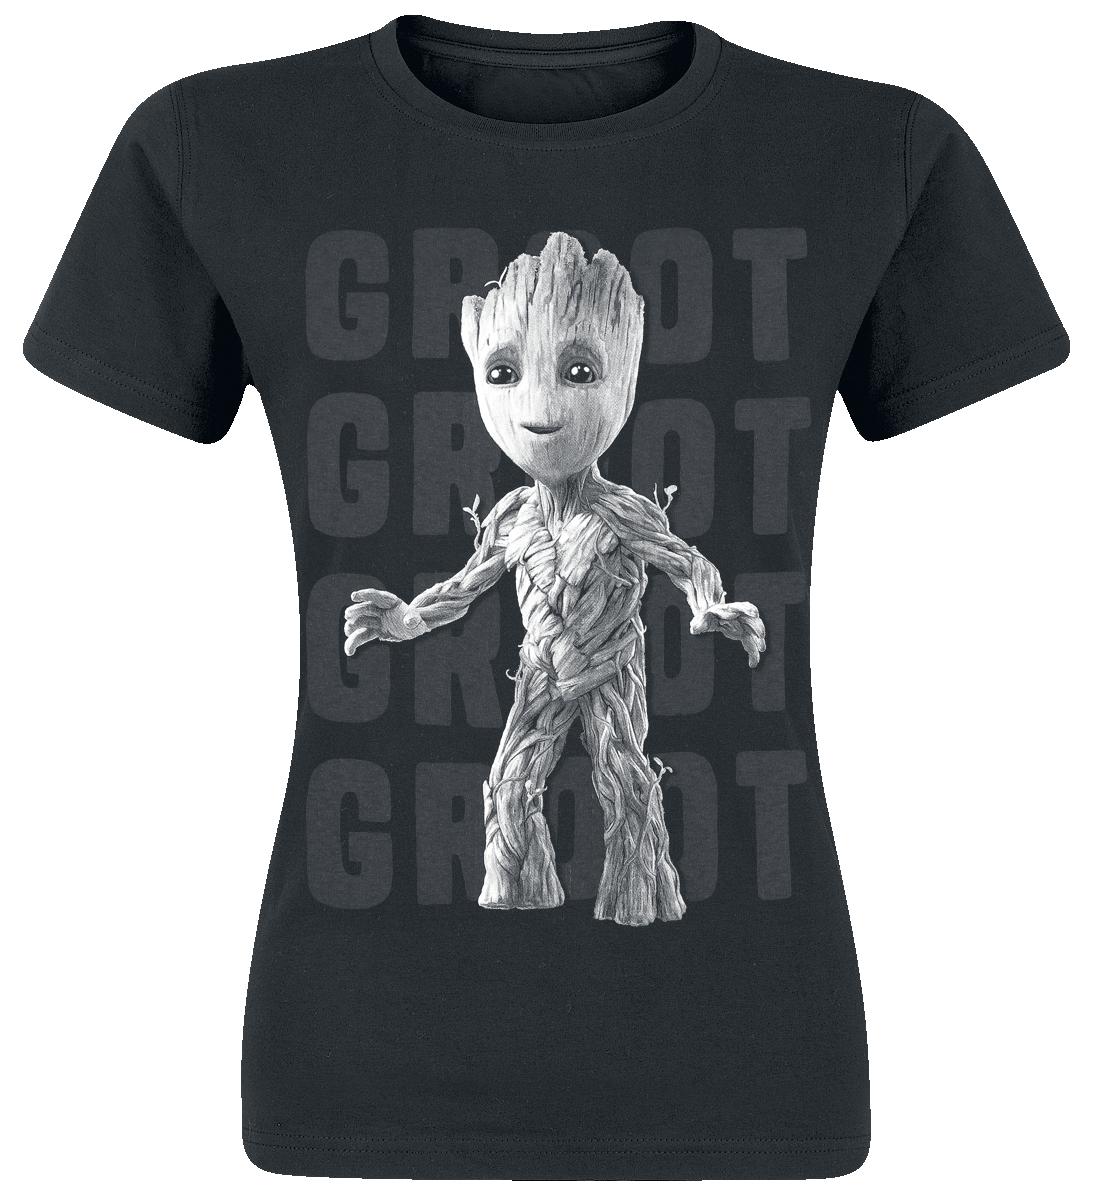 Guardians Of The Galaxy 2 - Groot Photo Koszulka damska czarny